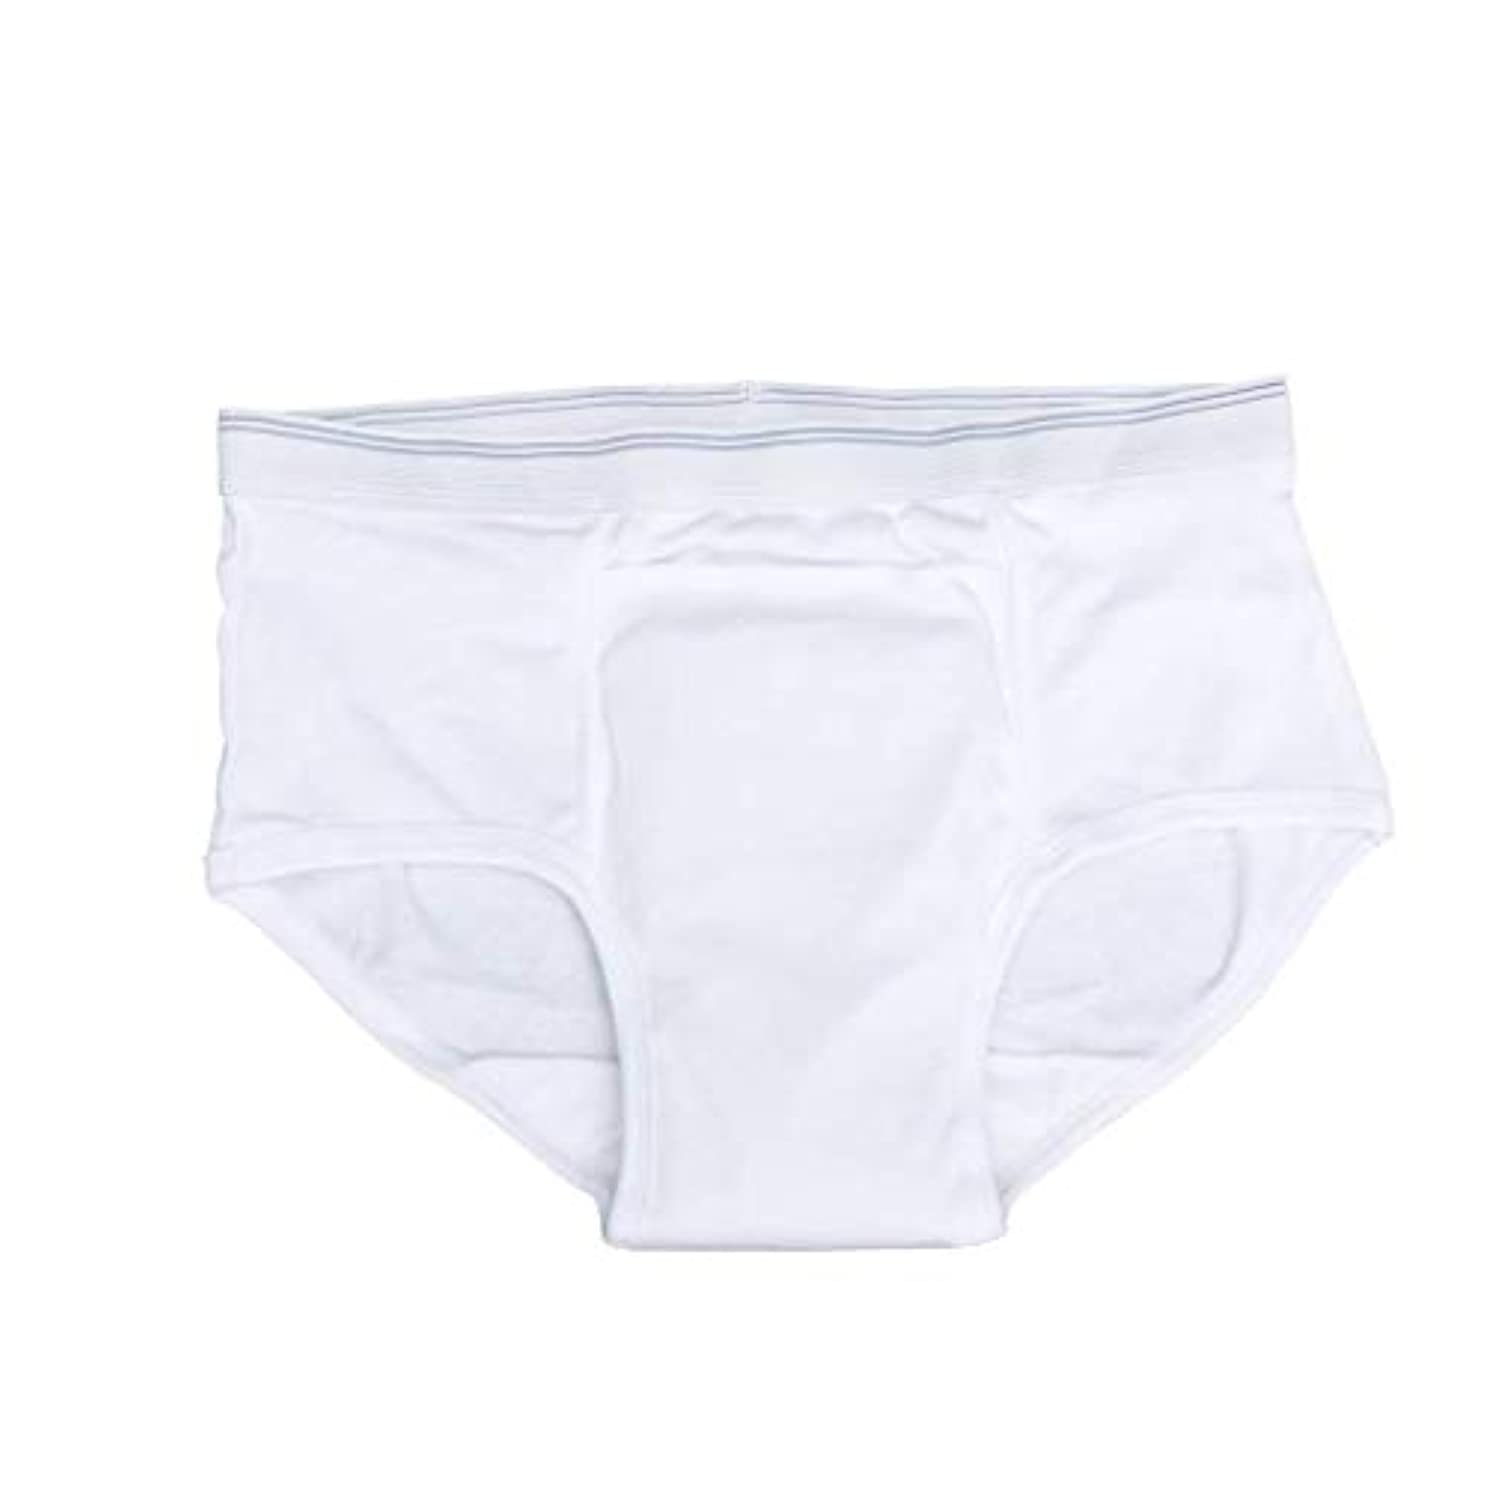 シリーズチラチラするニュージーランド大人のおむつ、紙おむつ高齢者、コットンリークプルーフ防水下着、メンズ(サイズ:50?80センチメートル)の場合